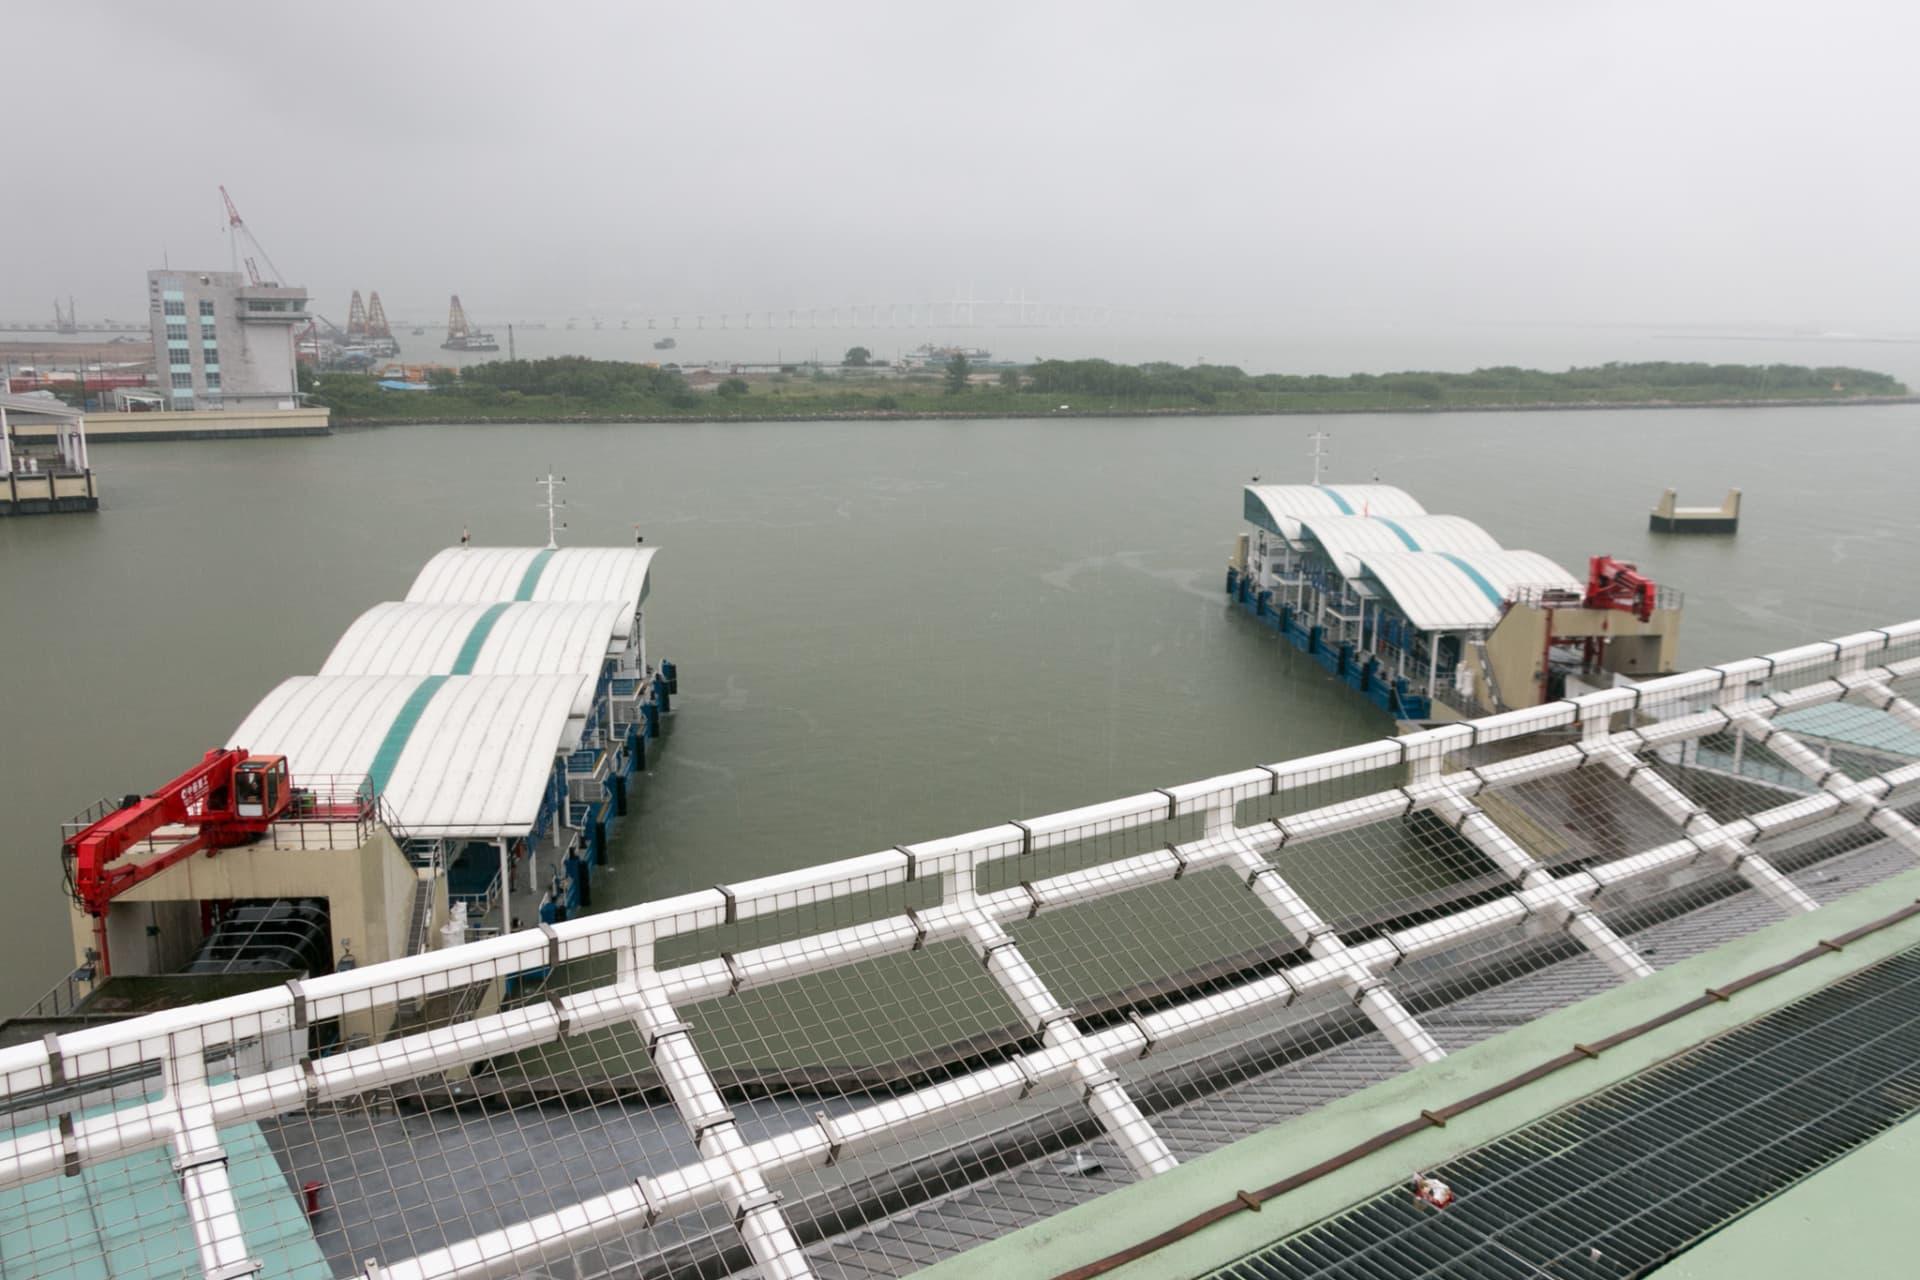 氹仔客運碼頭將設有16個400人客船泊位以及3個多功能泊位